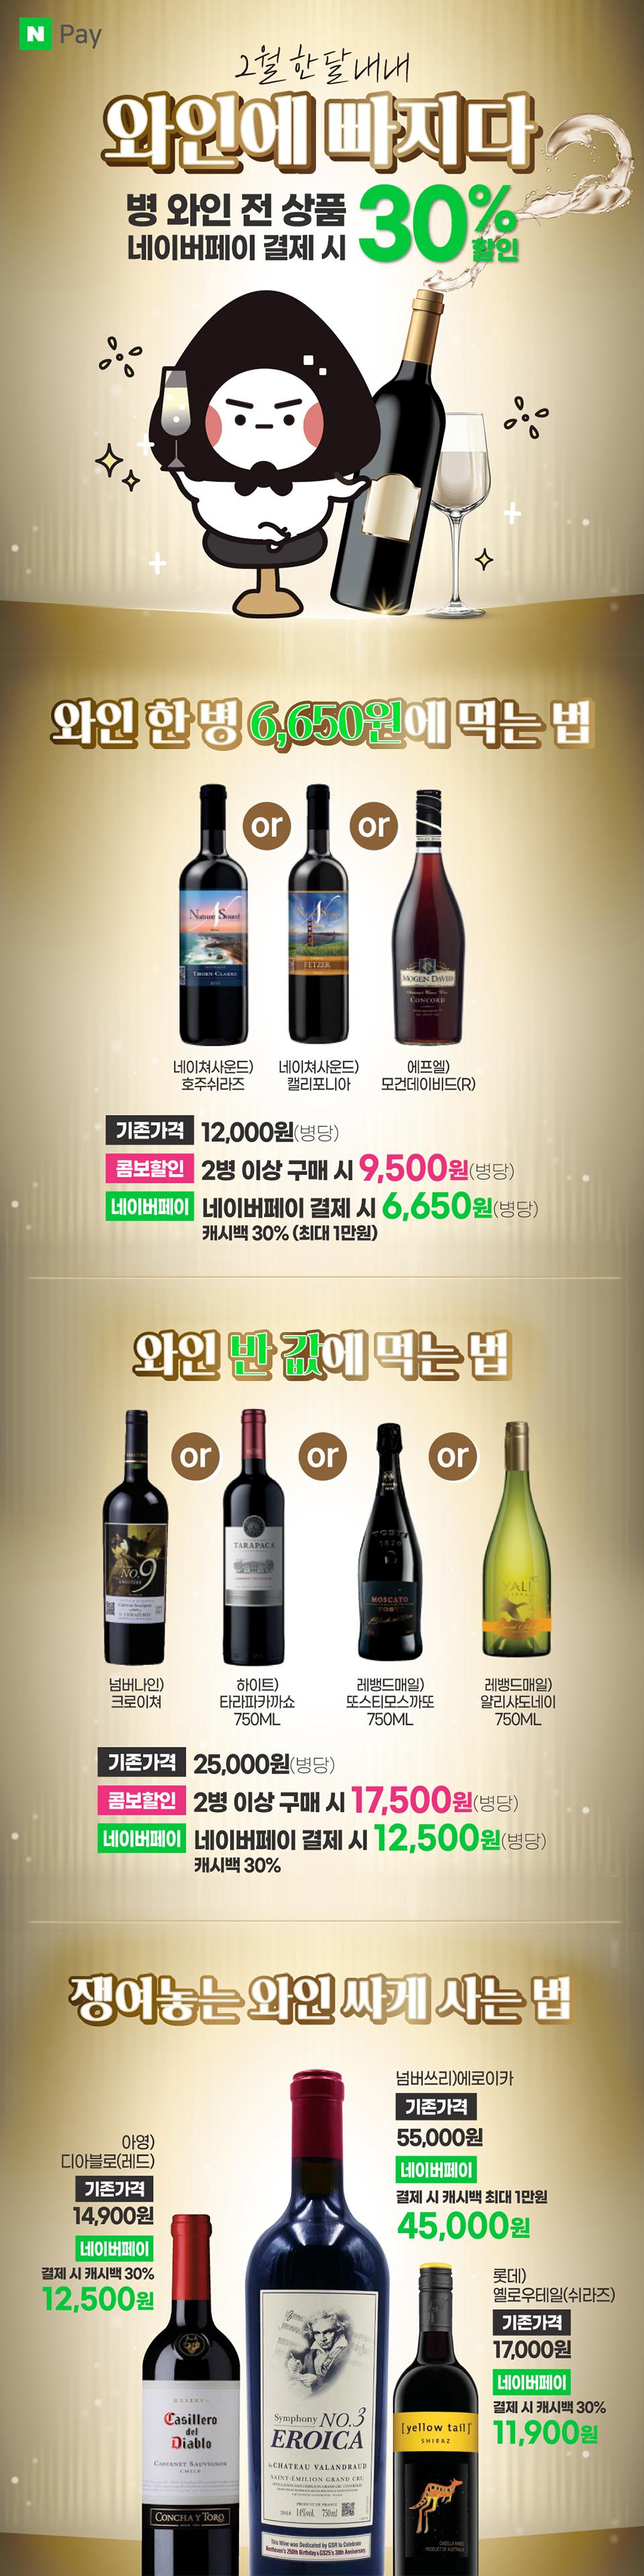 네이버페이로 와인 구매 시 30% 페이백!